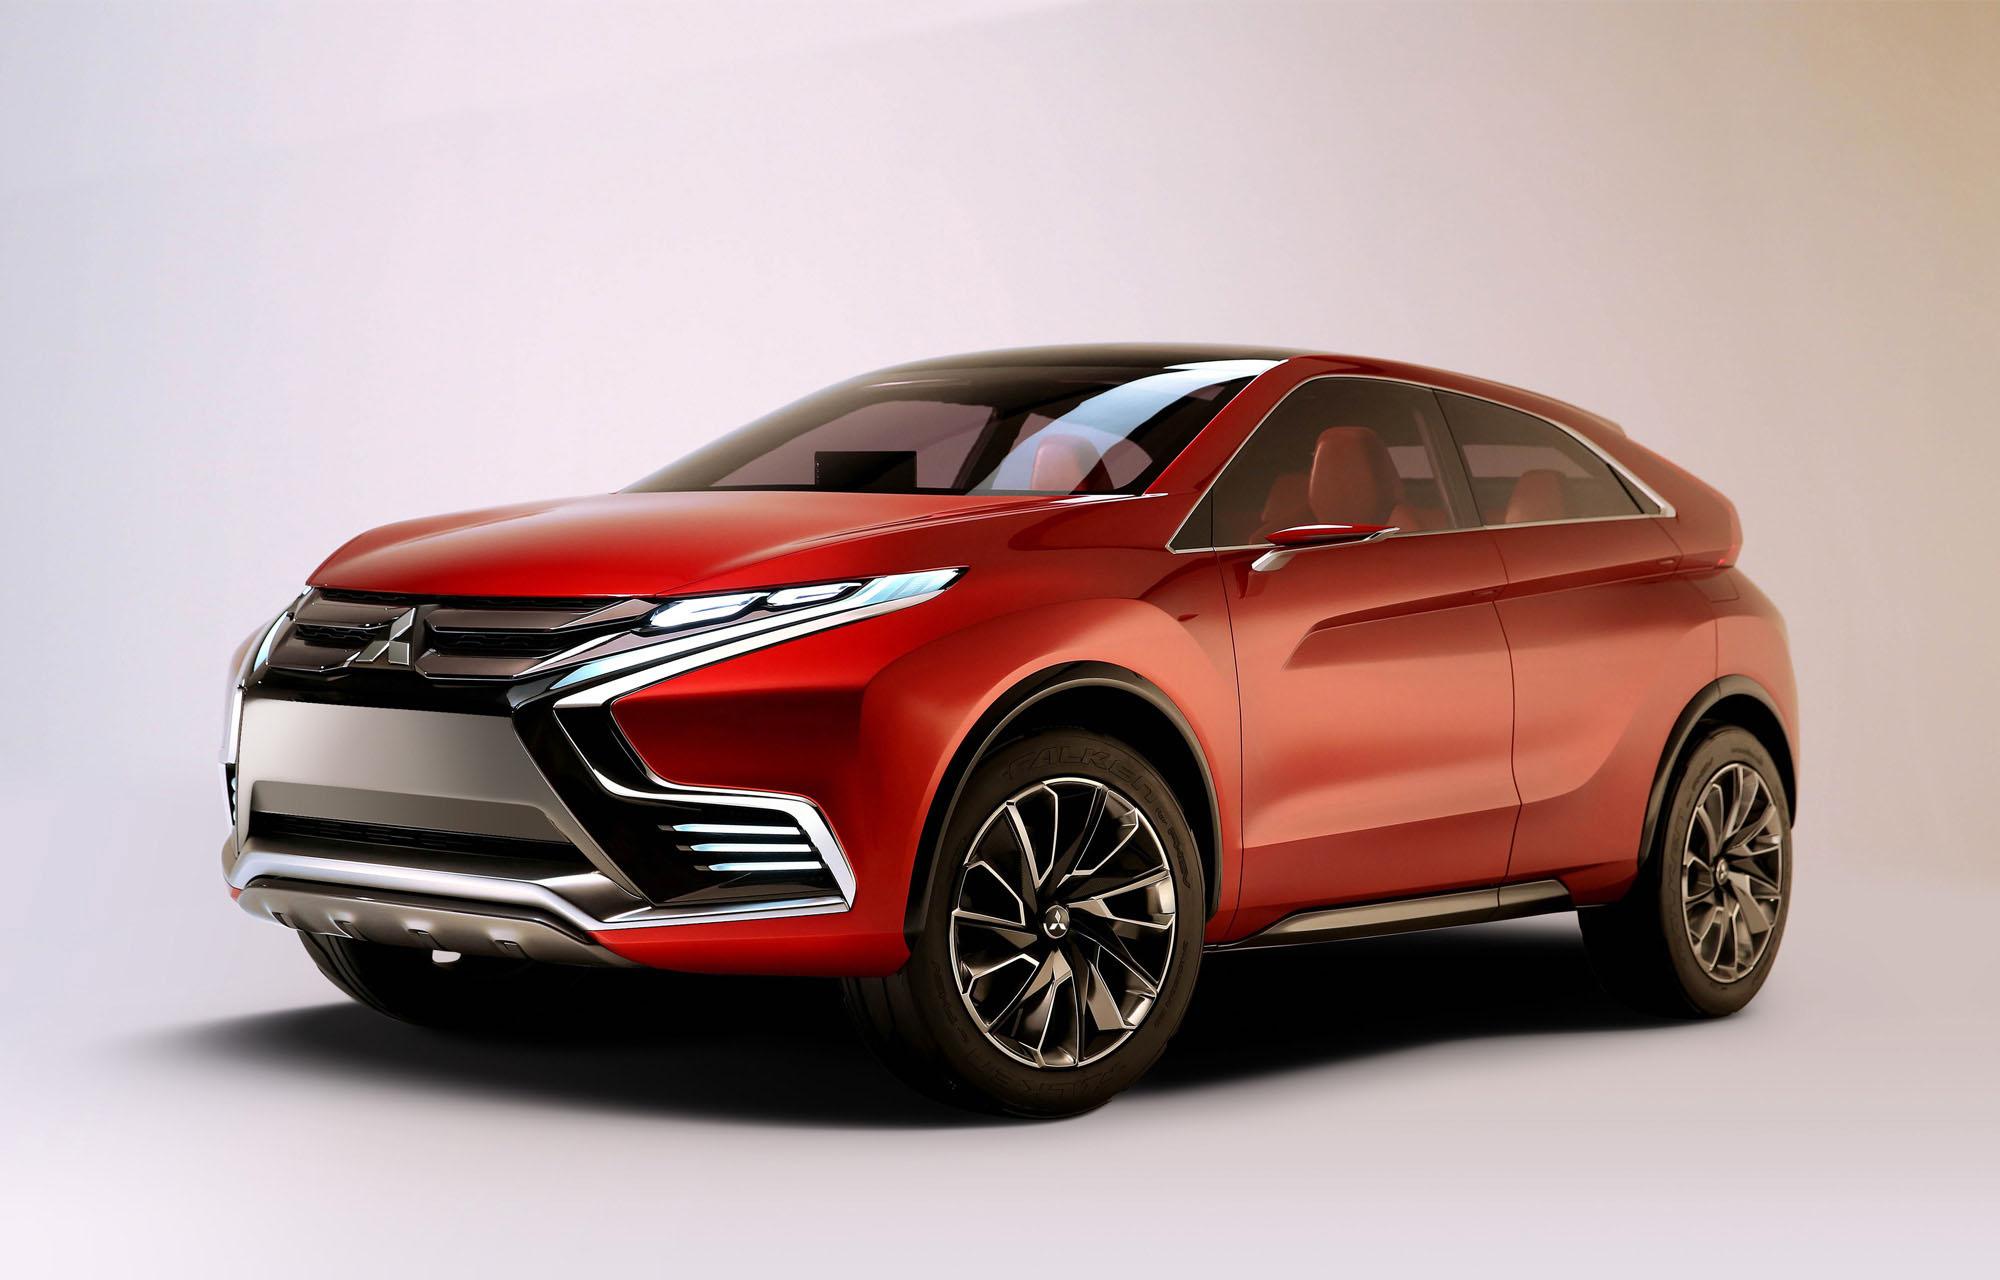 次期RVR?上海モーターショーにアジア初出展される小型SUV | clicccar.com(クリッカー)